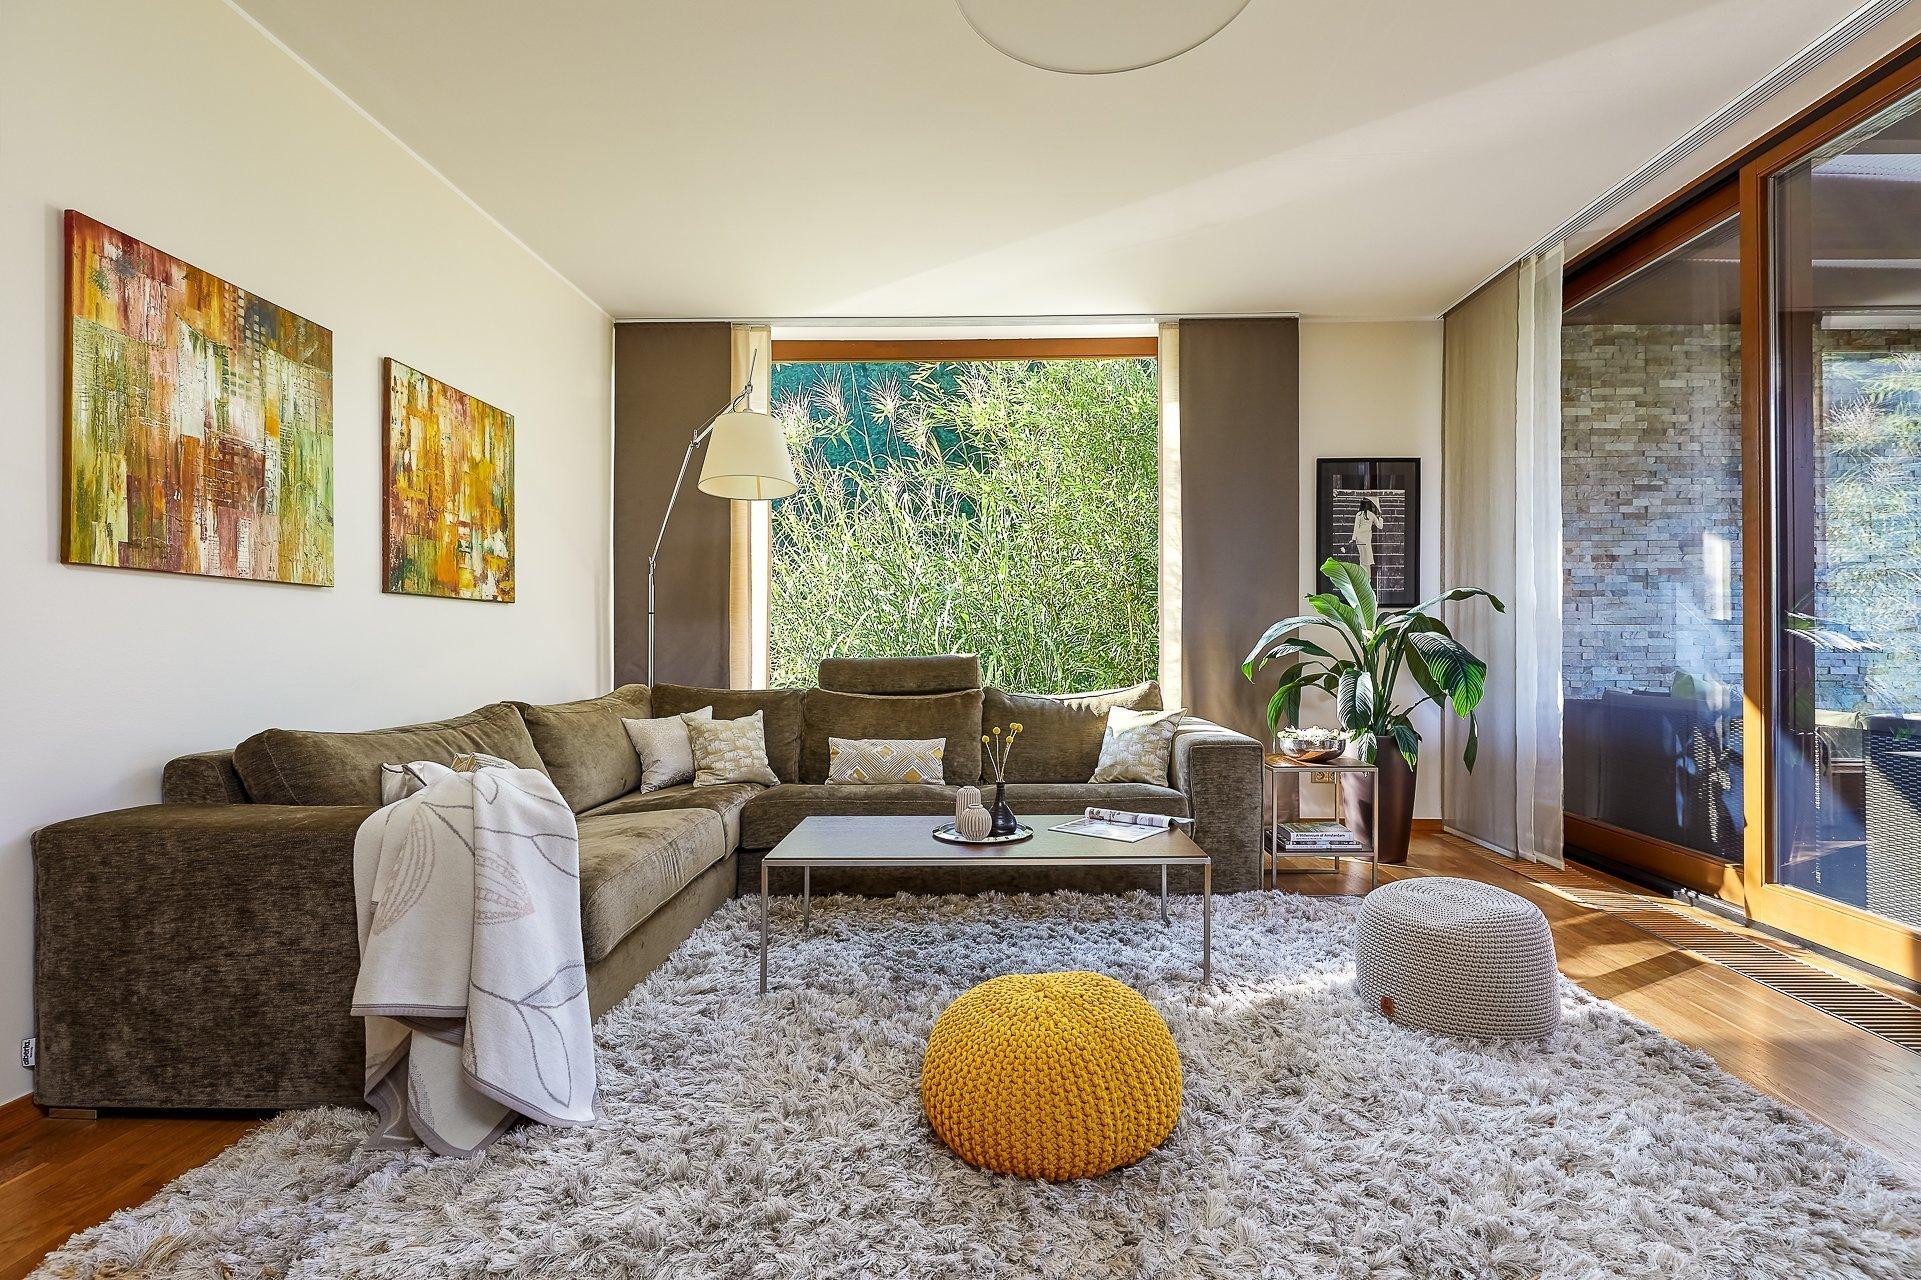 Zadáním pro tento projekt bylo vytvoření moderního, přívětivého a potizivně laděného prostoru pro čtyřčlennou rodinu. Samo prostředí napomáhá vytvářet…